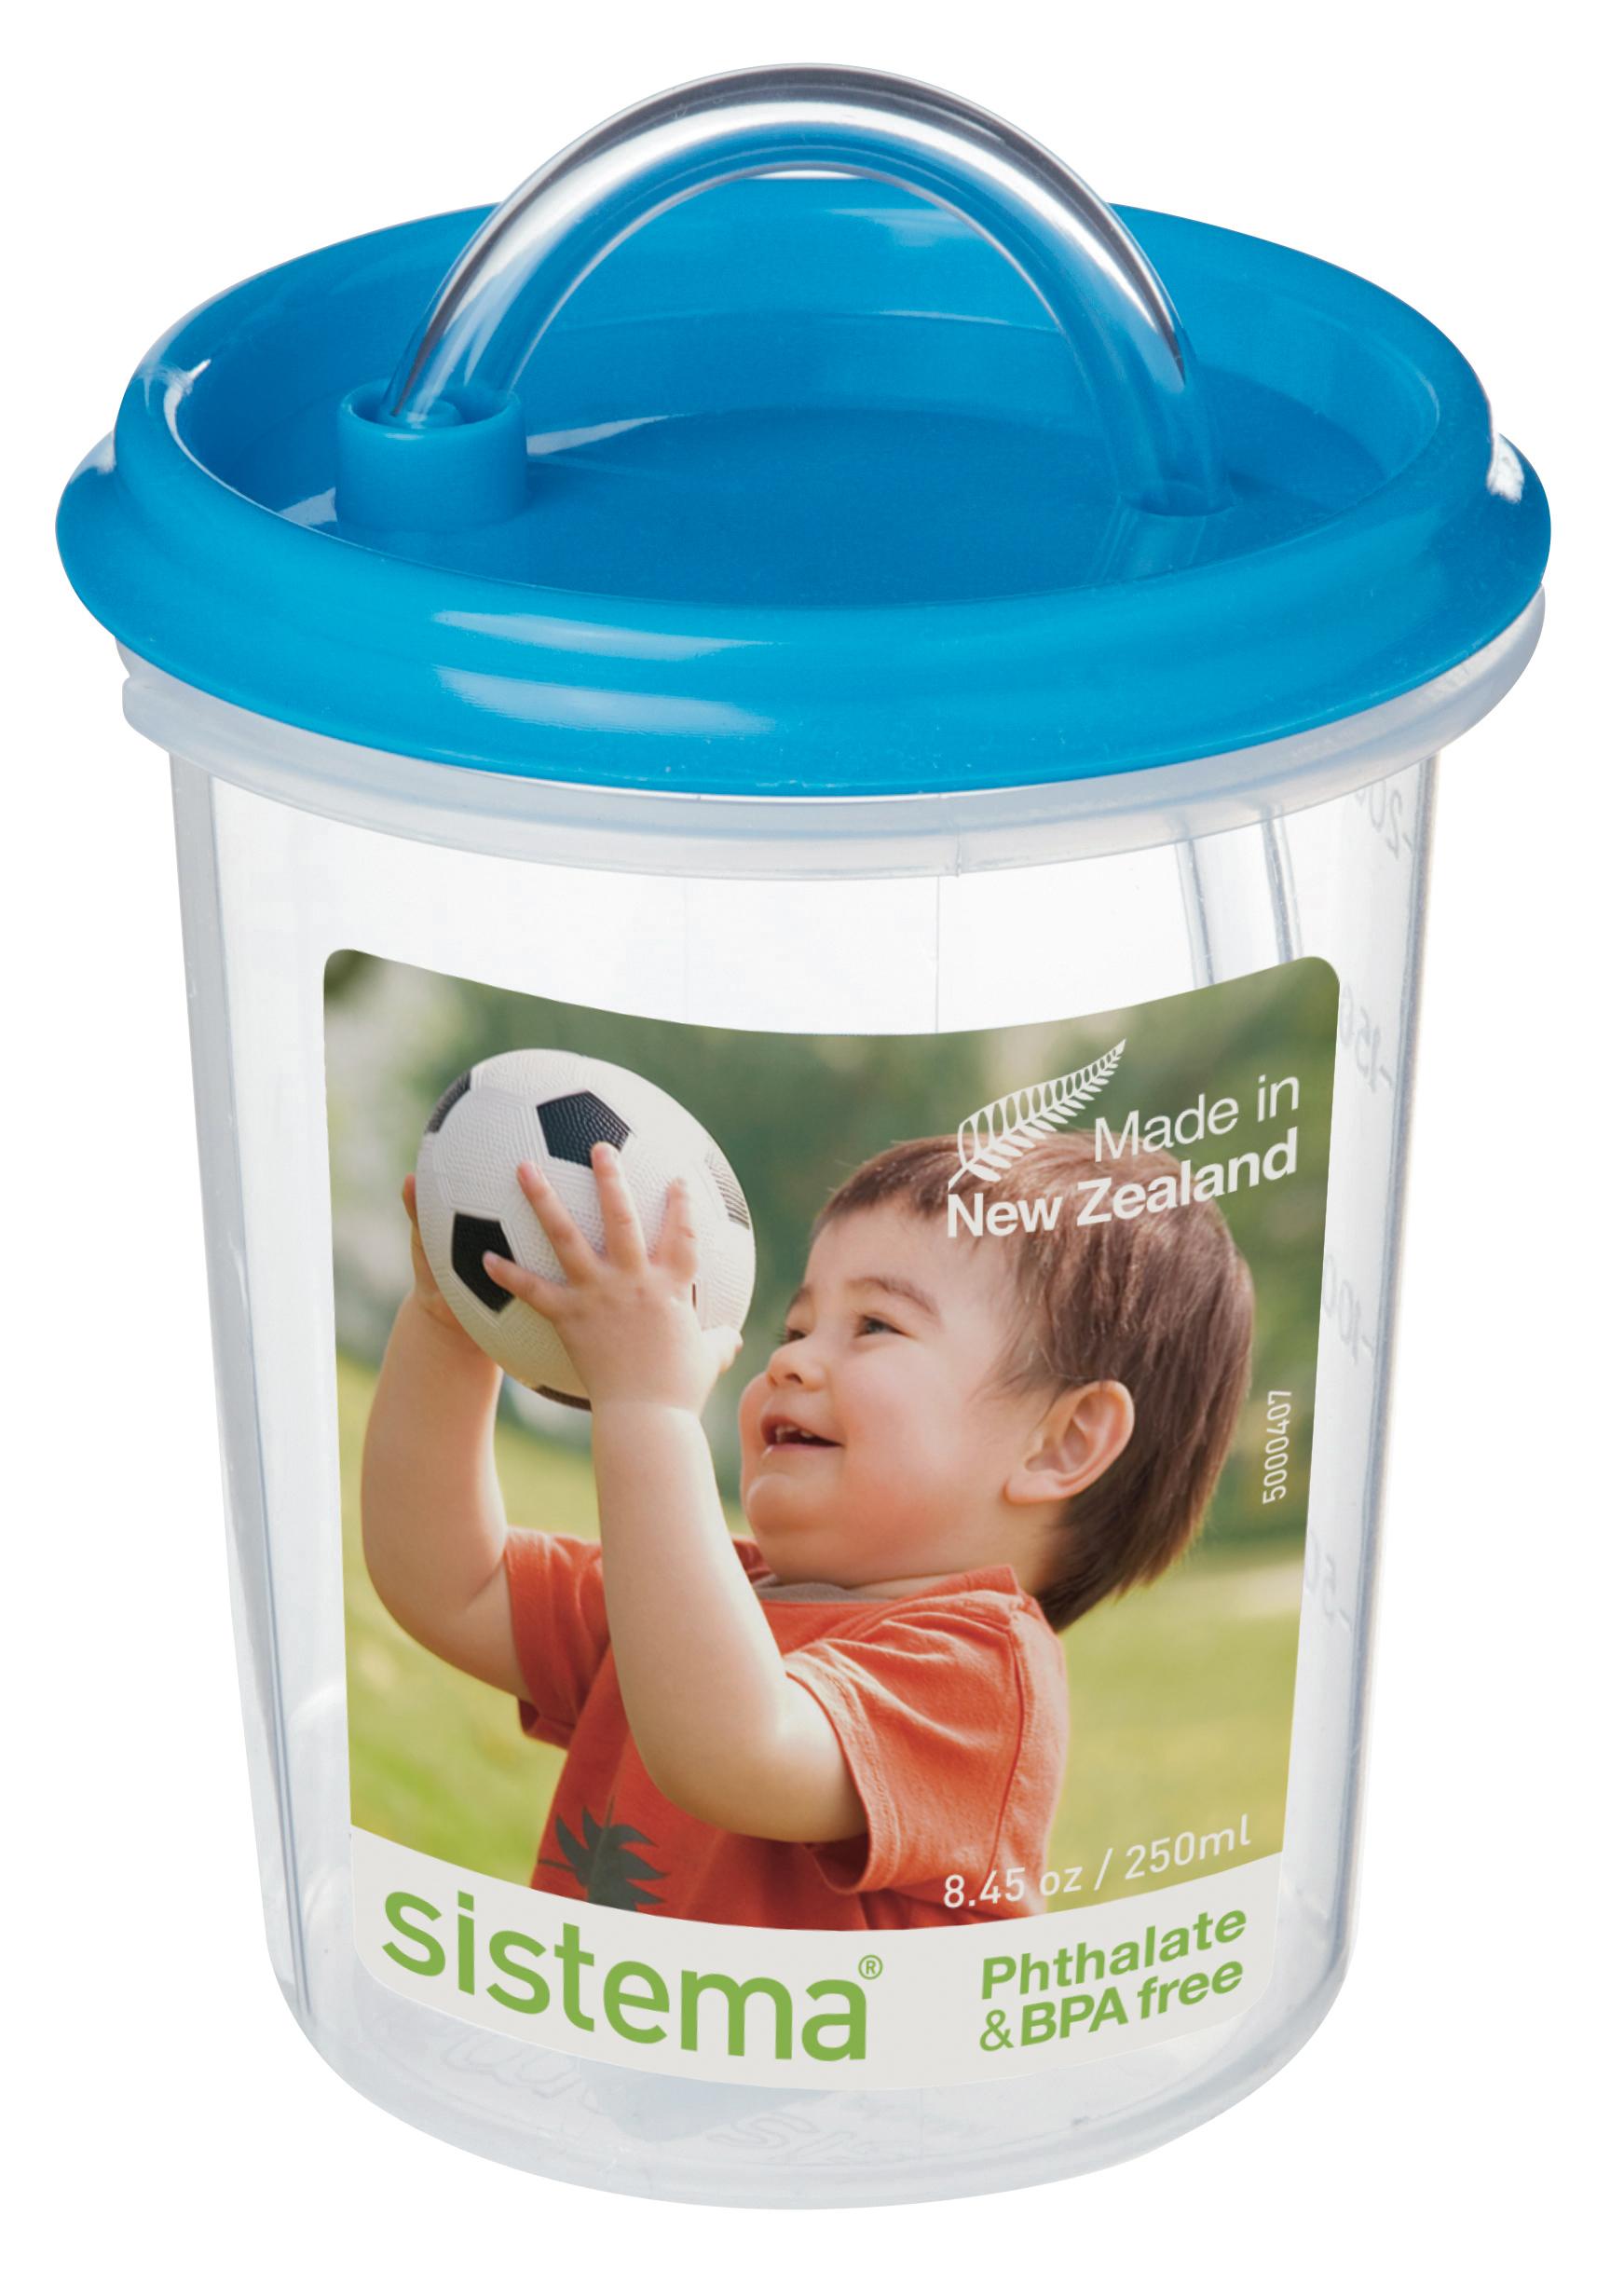 Чашка детская Sistema, с трубочкой, цвет: голубой, 250 млЛВсинийДетская чашка-непроливайка с трубочкой Sistema абсолютно безопасна для использования маленькими детьми. В качестве материала для этой модели использовался качественный пищевой пластик, свободный от фенола и иных вредных примесей. Важно также отметить, что чашечка герметично закрывается, ваш малыш не сможет пролить ее содержимое. Кроме того, рассматриваемая модель обладает эргономичной конструкцией, крохе будет удобно держать ее в ручках.